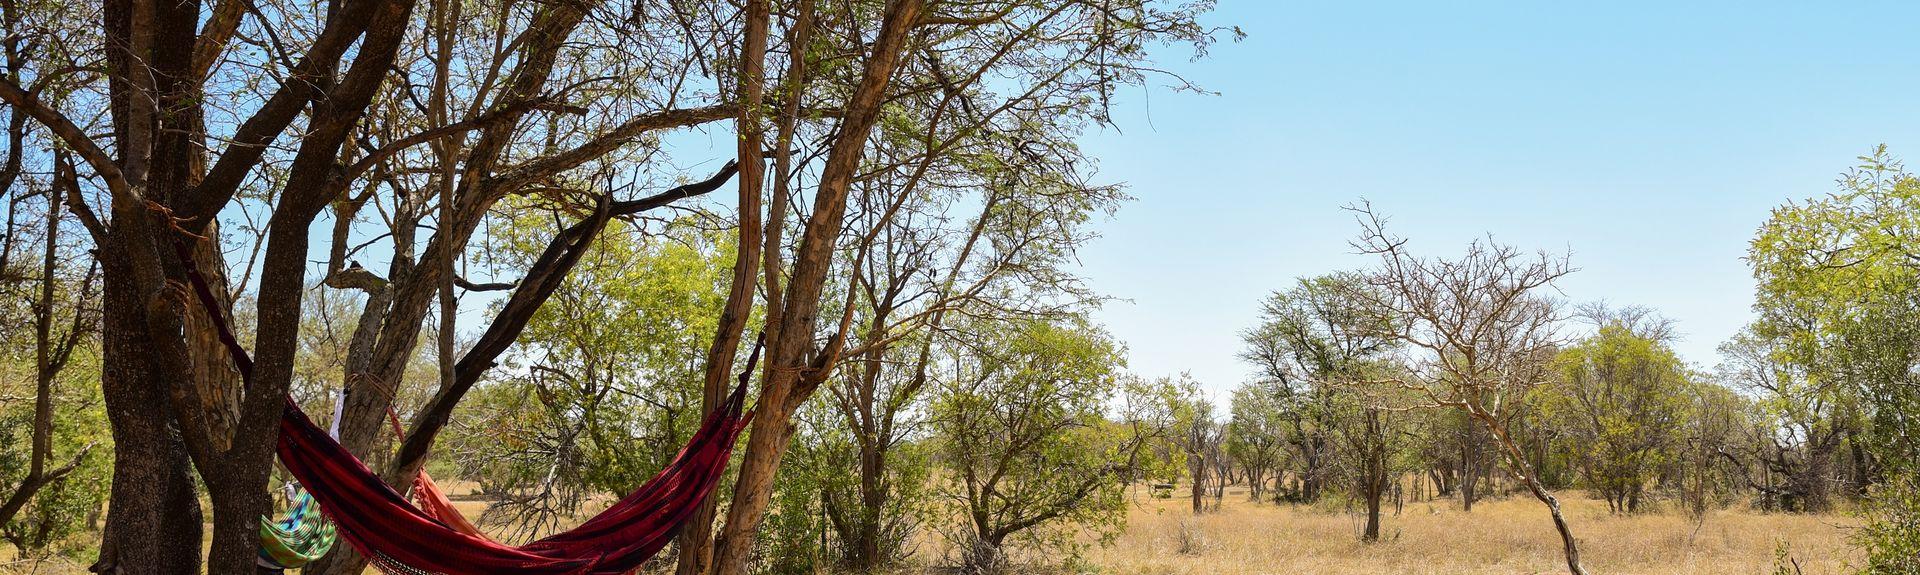 Provincia de Limpopo, Sudáfrica